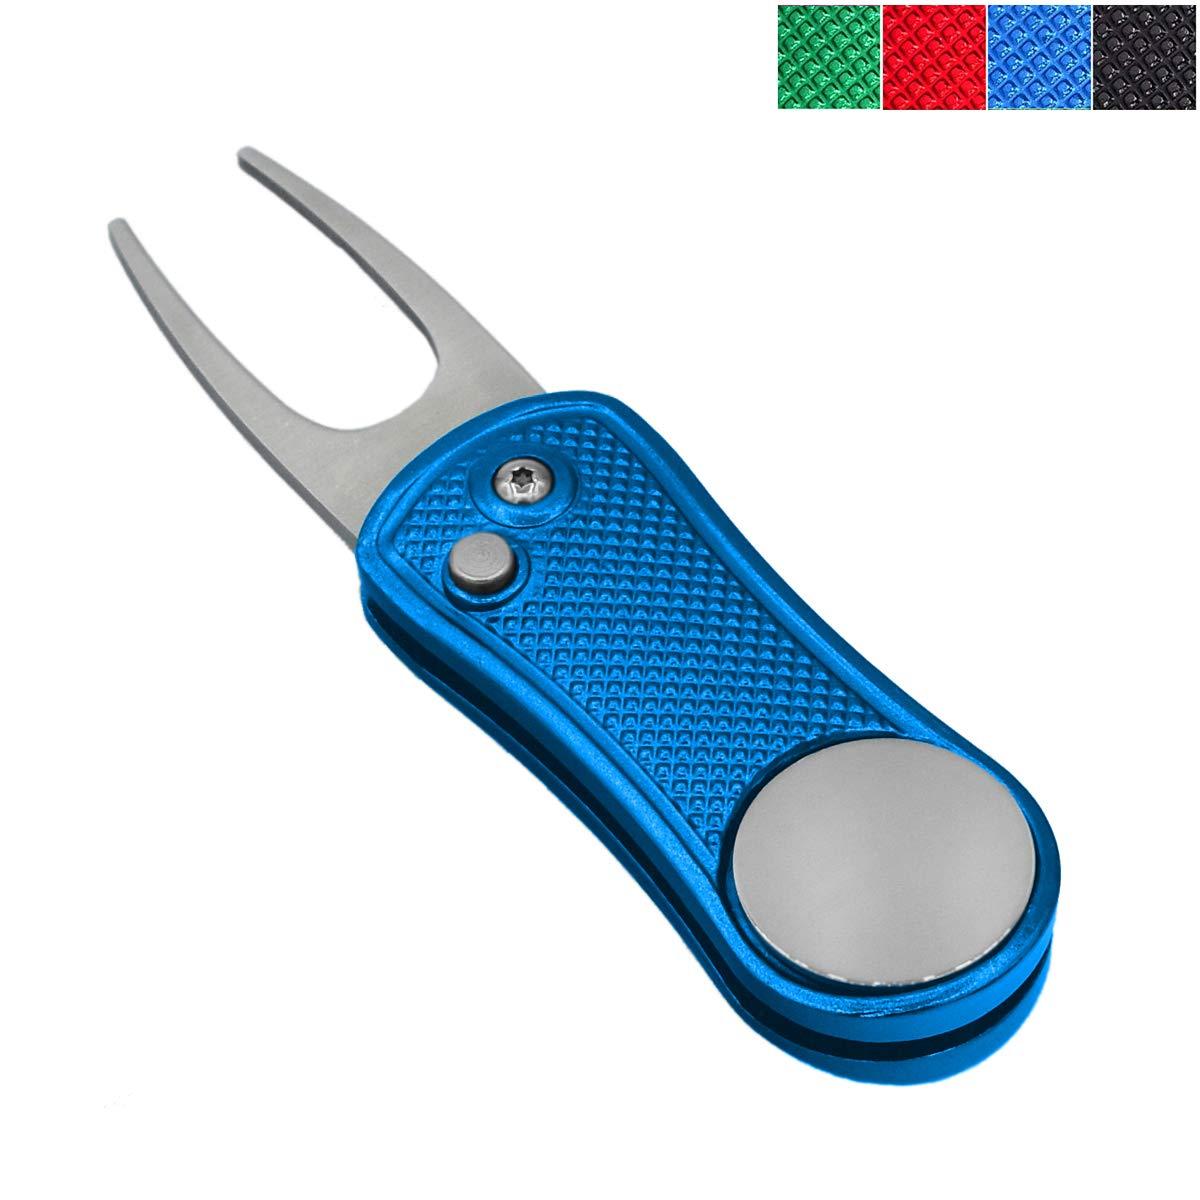 ポップアップボタンと磁気ボールマーカーピッチマーク、軽量、ポータブル、ミニディボット修復ツール、プロゴルファーのためのベストチョイス(Favour Golf Divot Repair Tool)(ブルー(103))   B07GSB7GX7